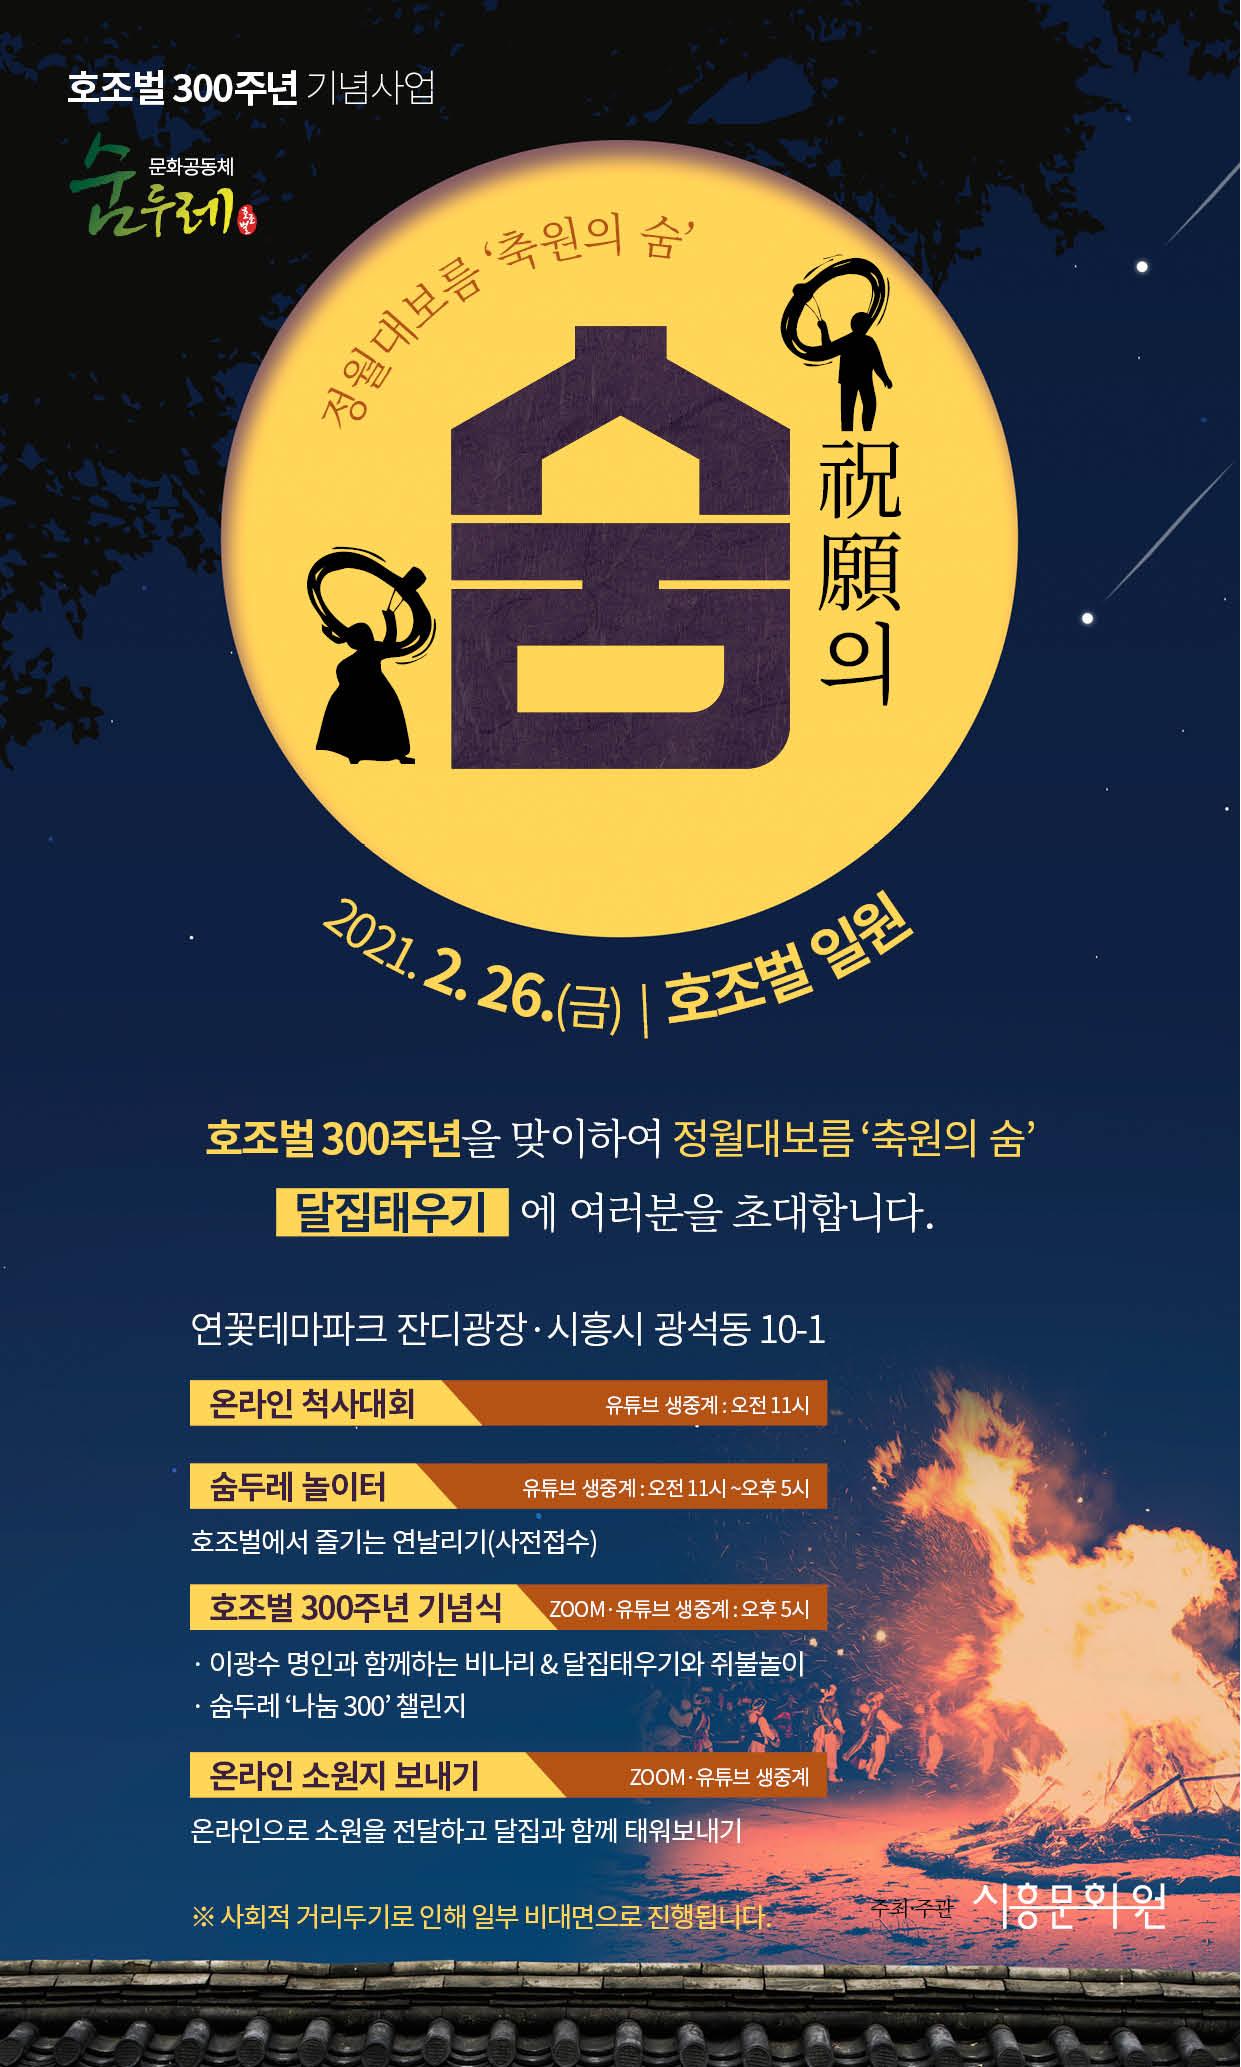 호조벌300주년기념사업 정월대보름'축원의 숨'